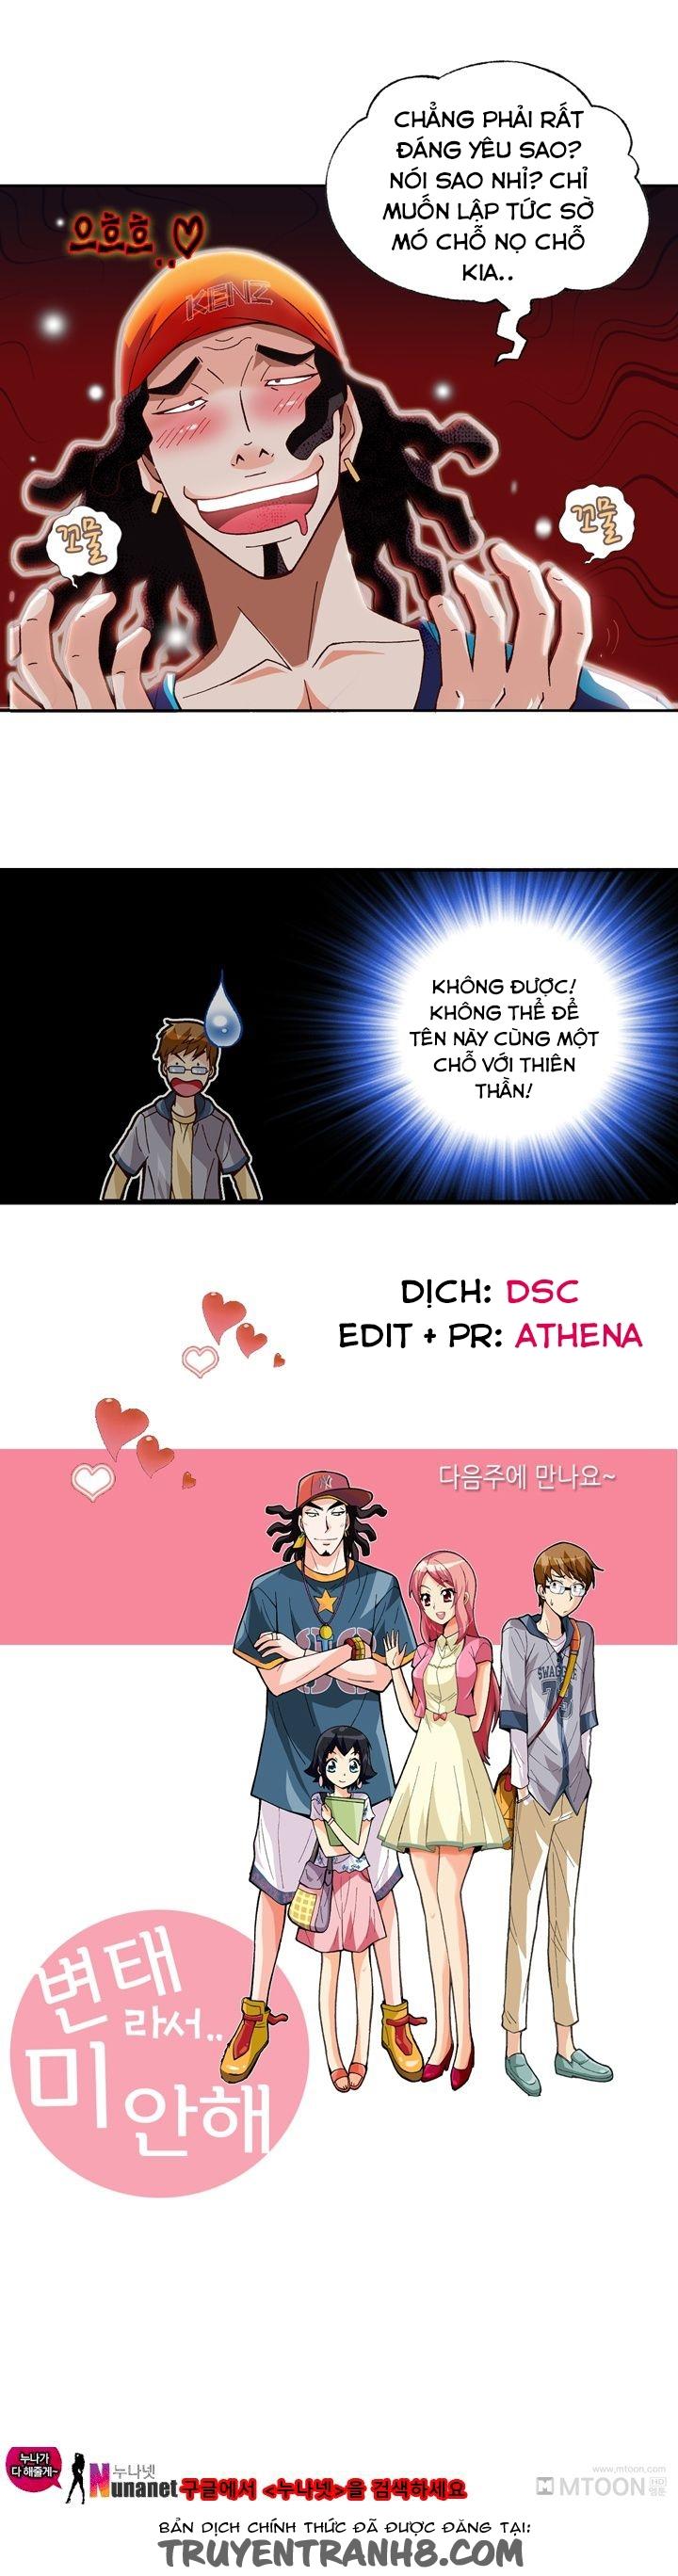 Hình ảnh 19 trong bài viết [Siêu phẩm] Hentai Màu Xin lỗi tớ thật dâm đãng